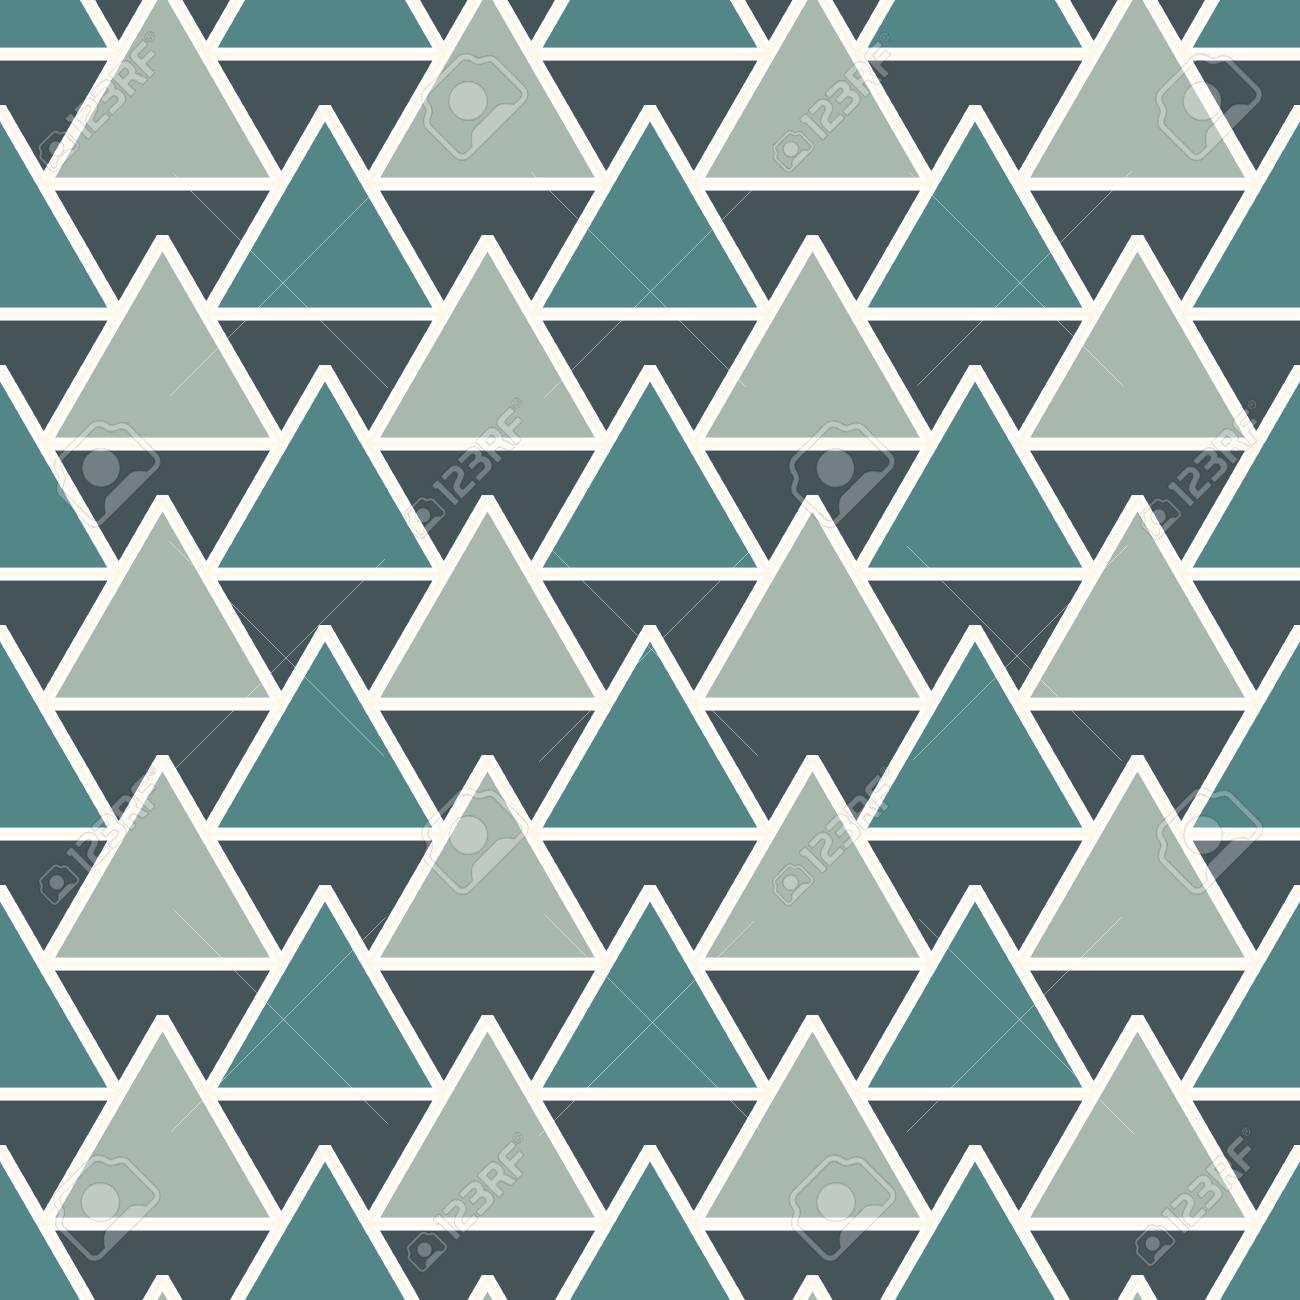 Triangles Répétés Sur Fond Blanc Fond Décran Abstrait Simple Conception De Motif De Surface Transparente Avec Des Figures Géométriques Papier